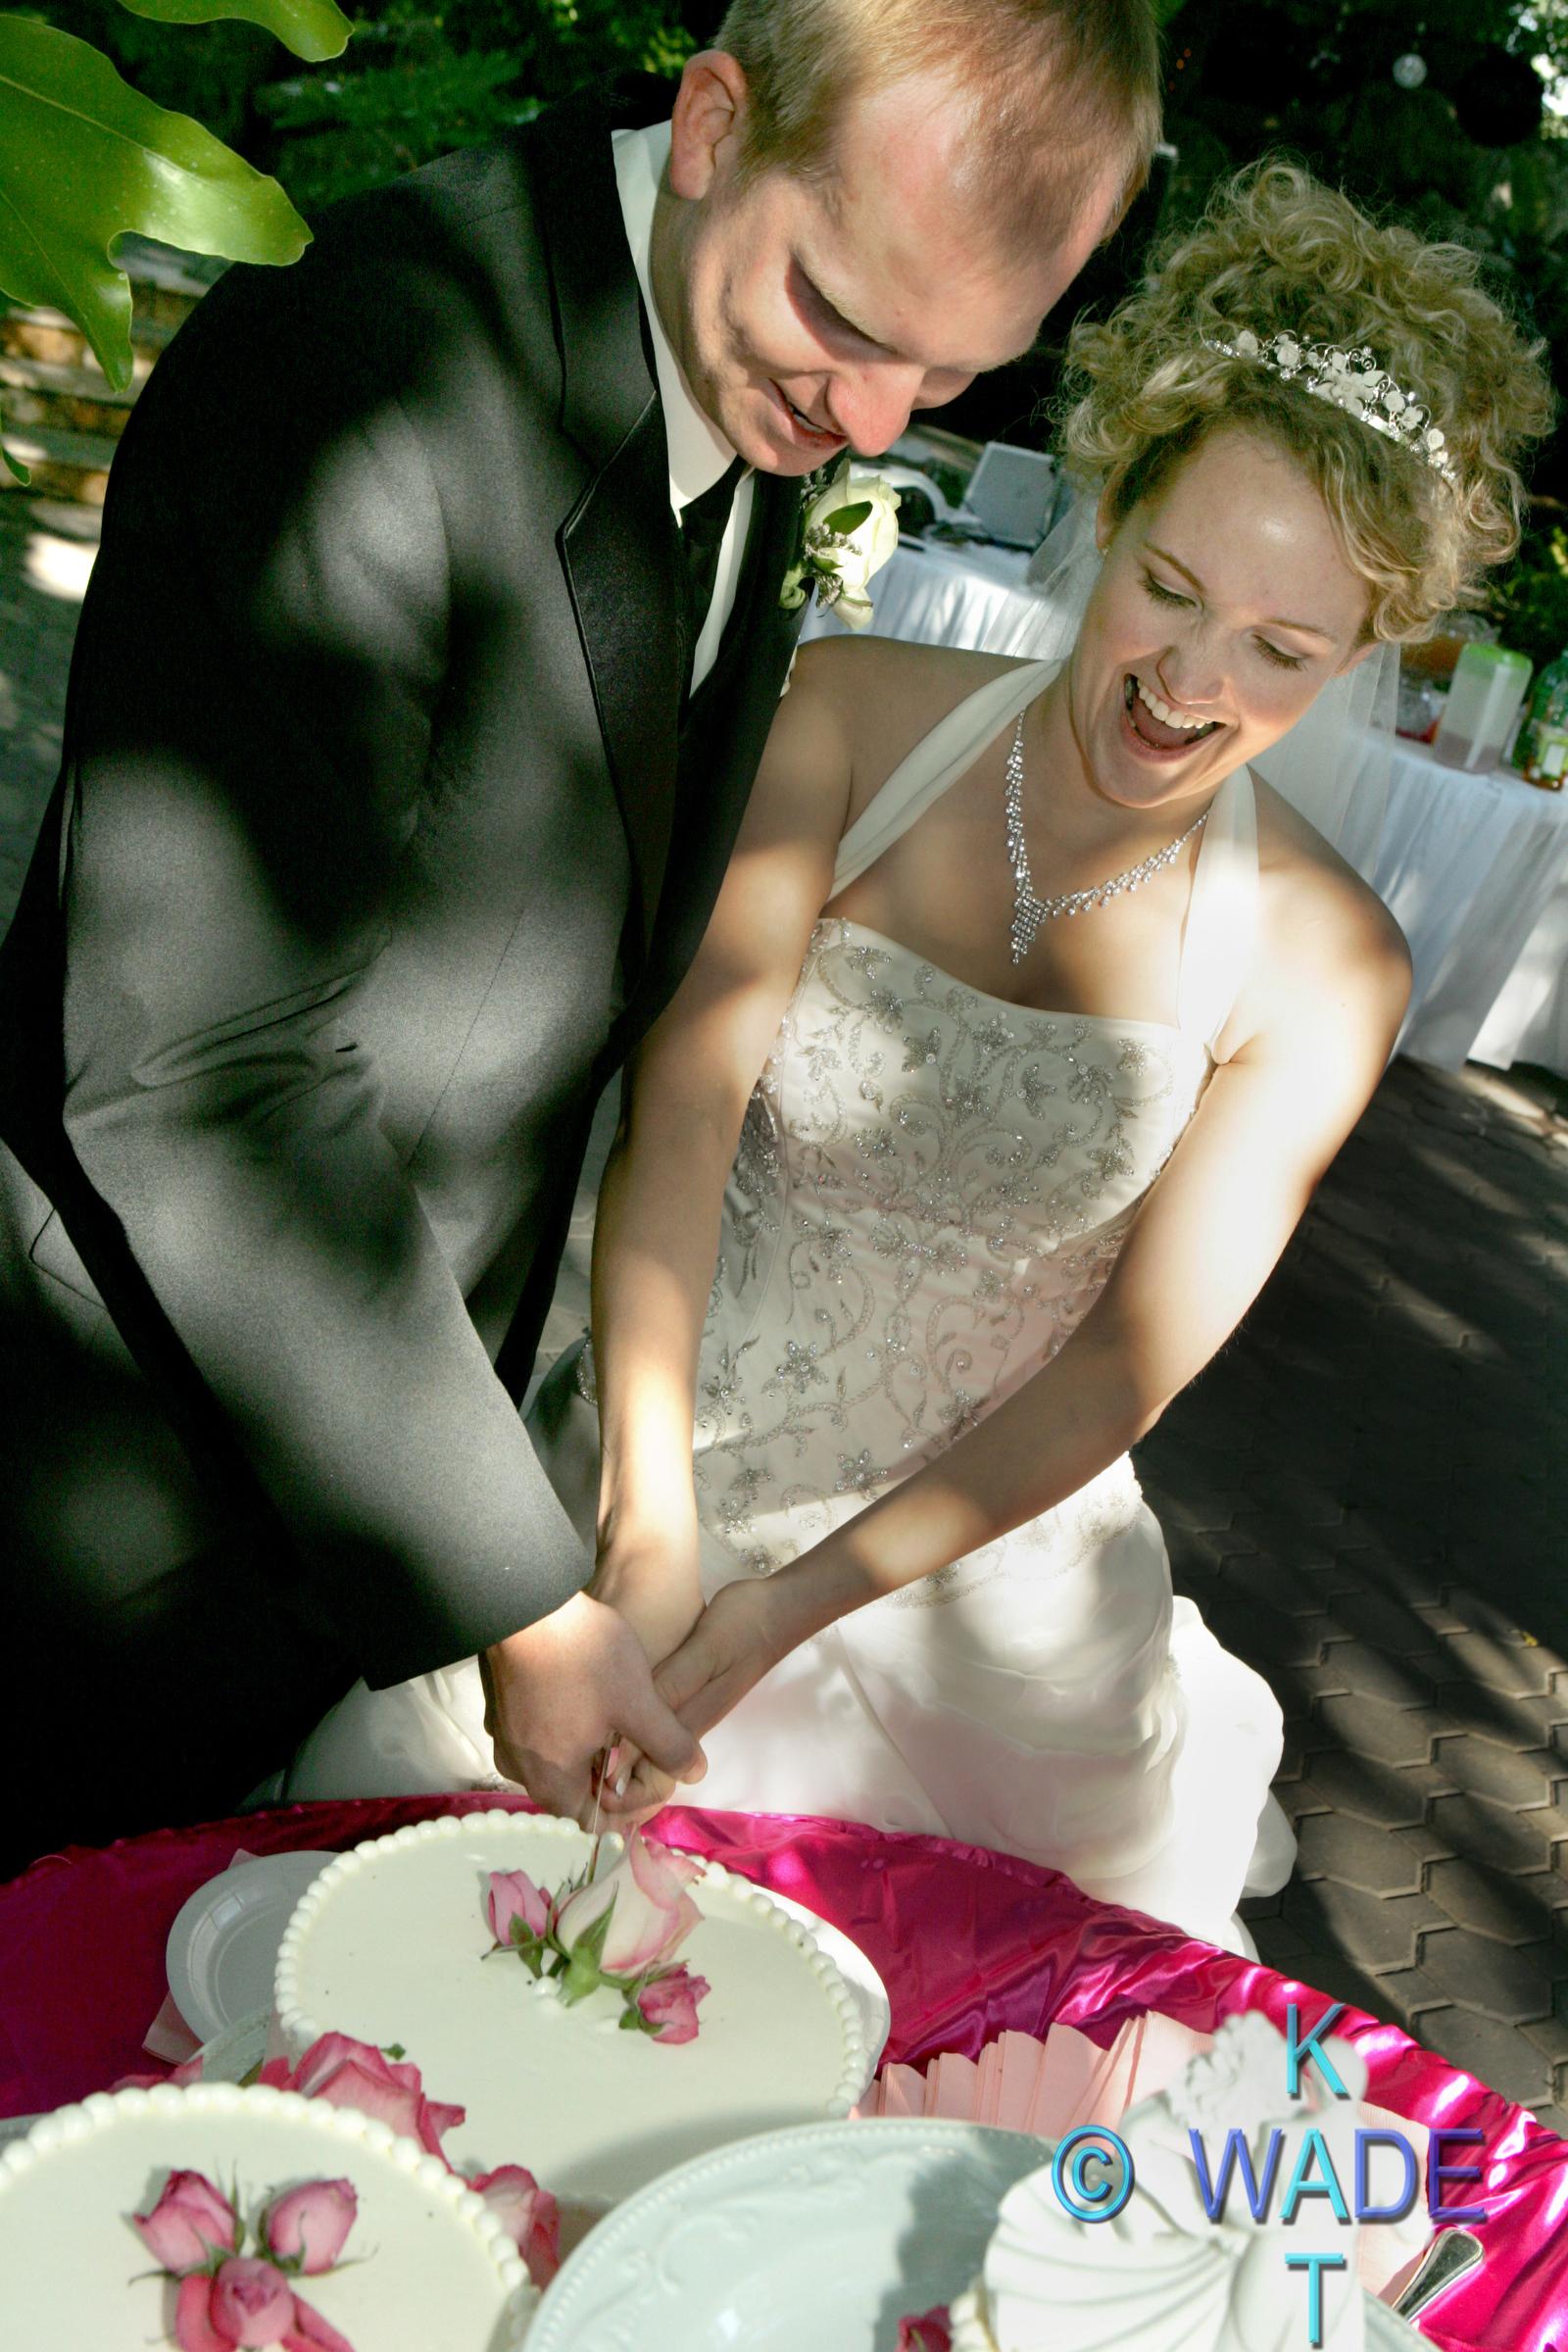 AMANDA_and_JON_Wedding_464_KatWade